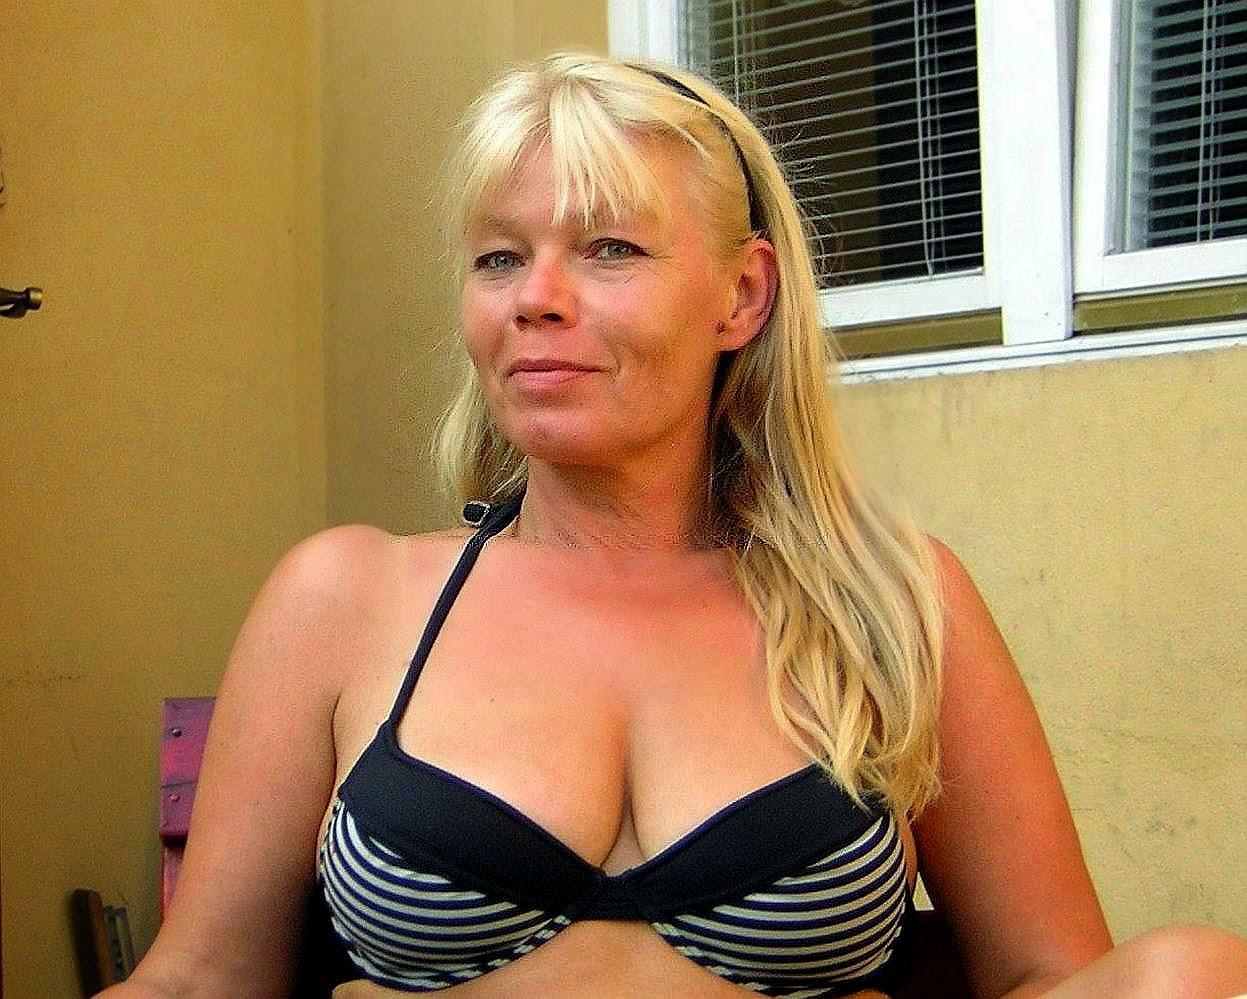 Wondergirls Blonde Man Photos Woman Dating Speed Seeking